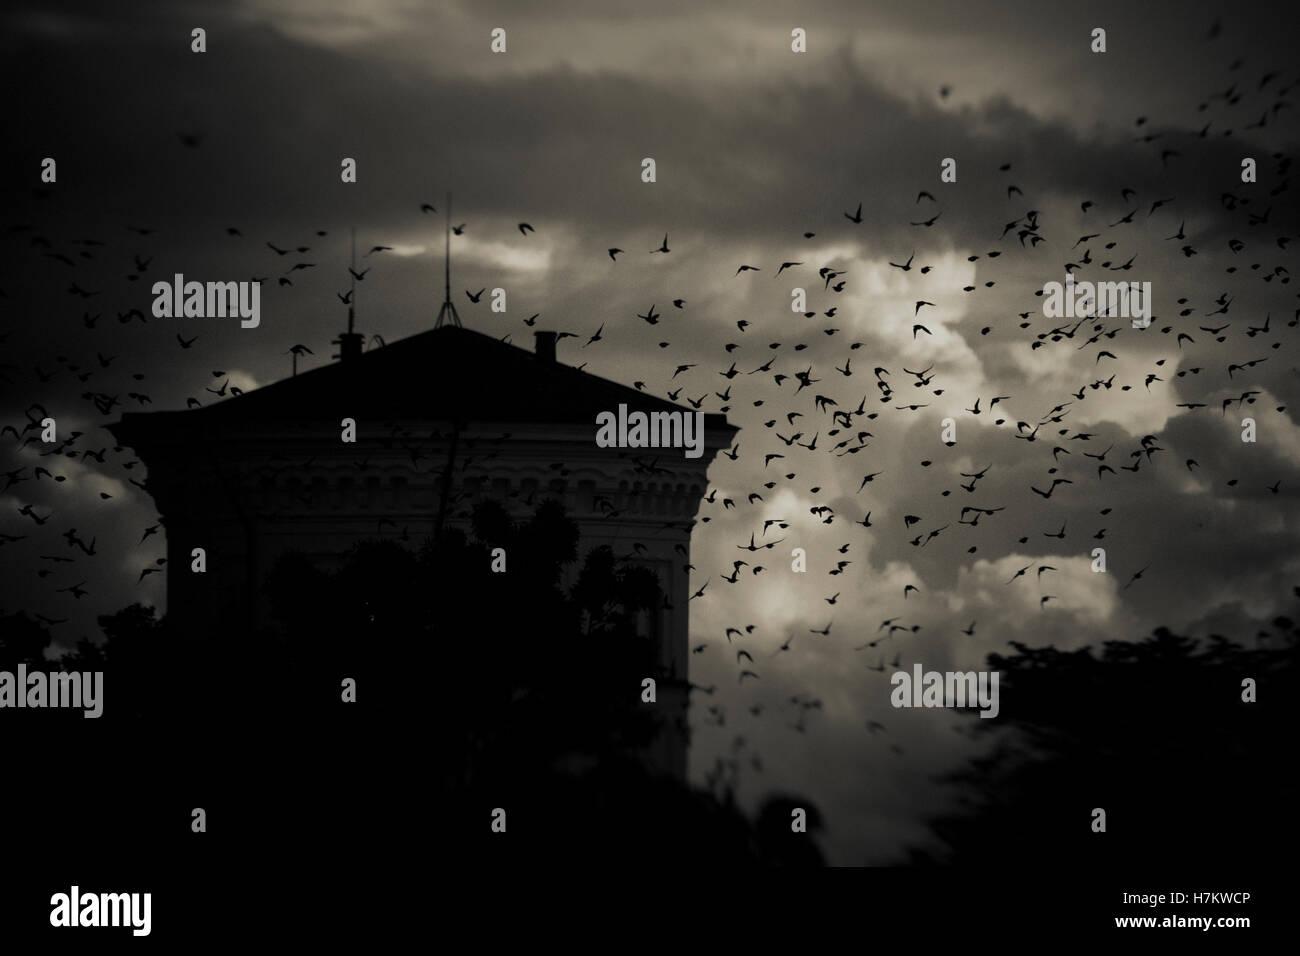 Flock of birds flying passé building at night avec les nuages de tempête dans l'arrière-plan. Moody, sombre et effrayant Banque D'Images